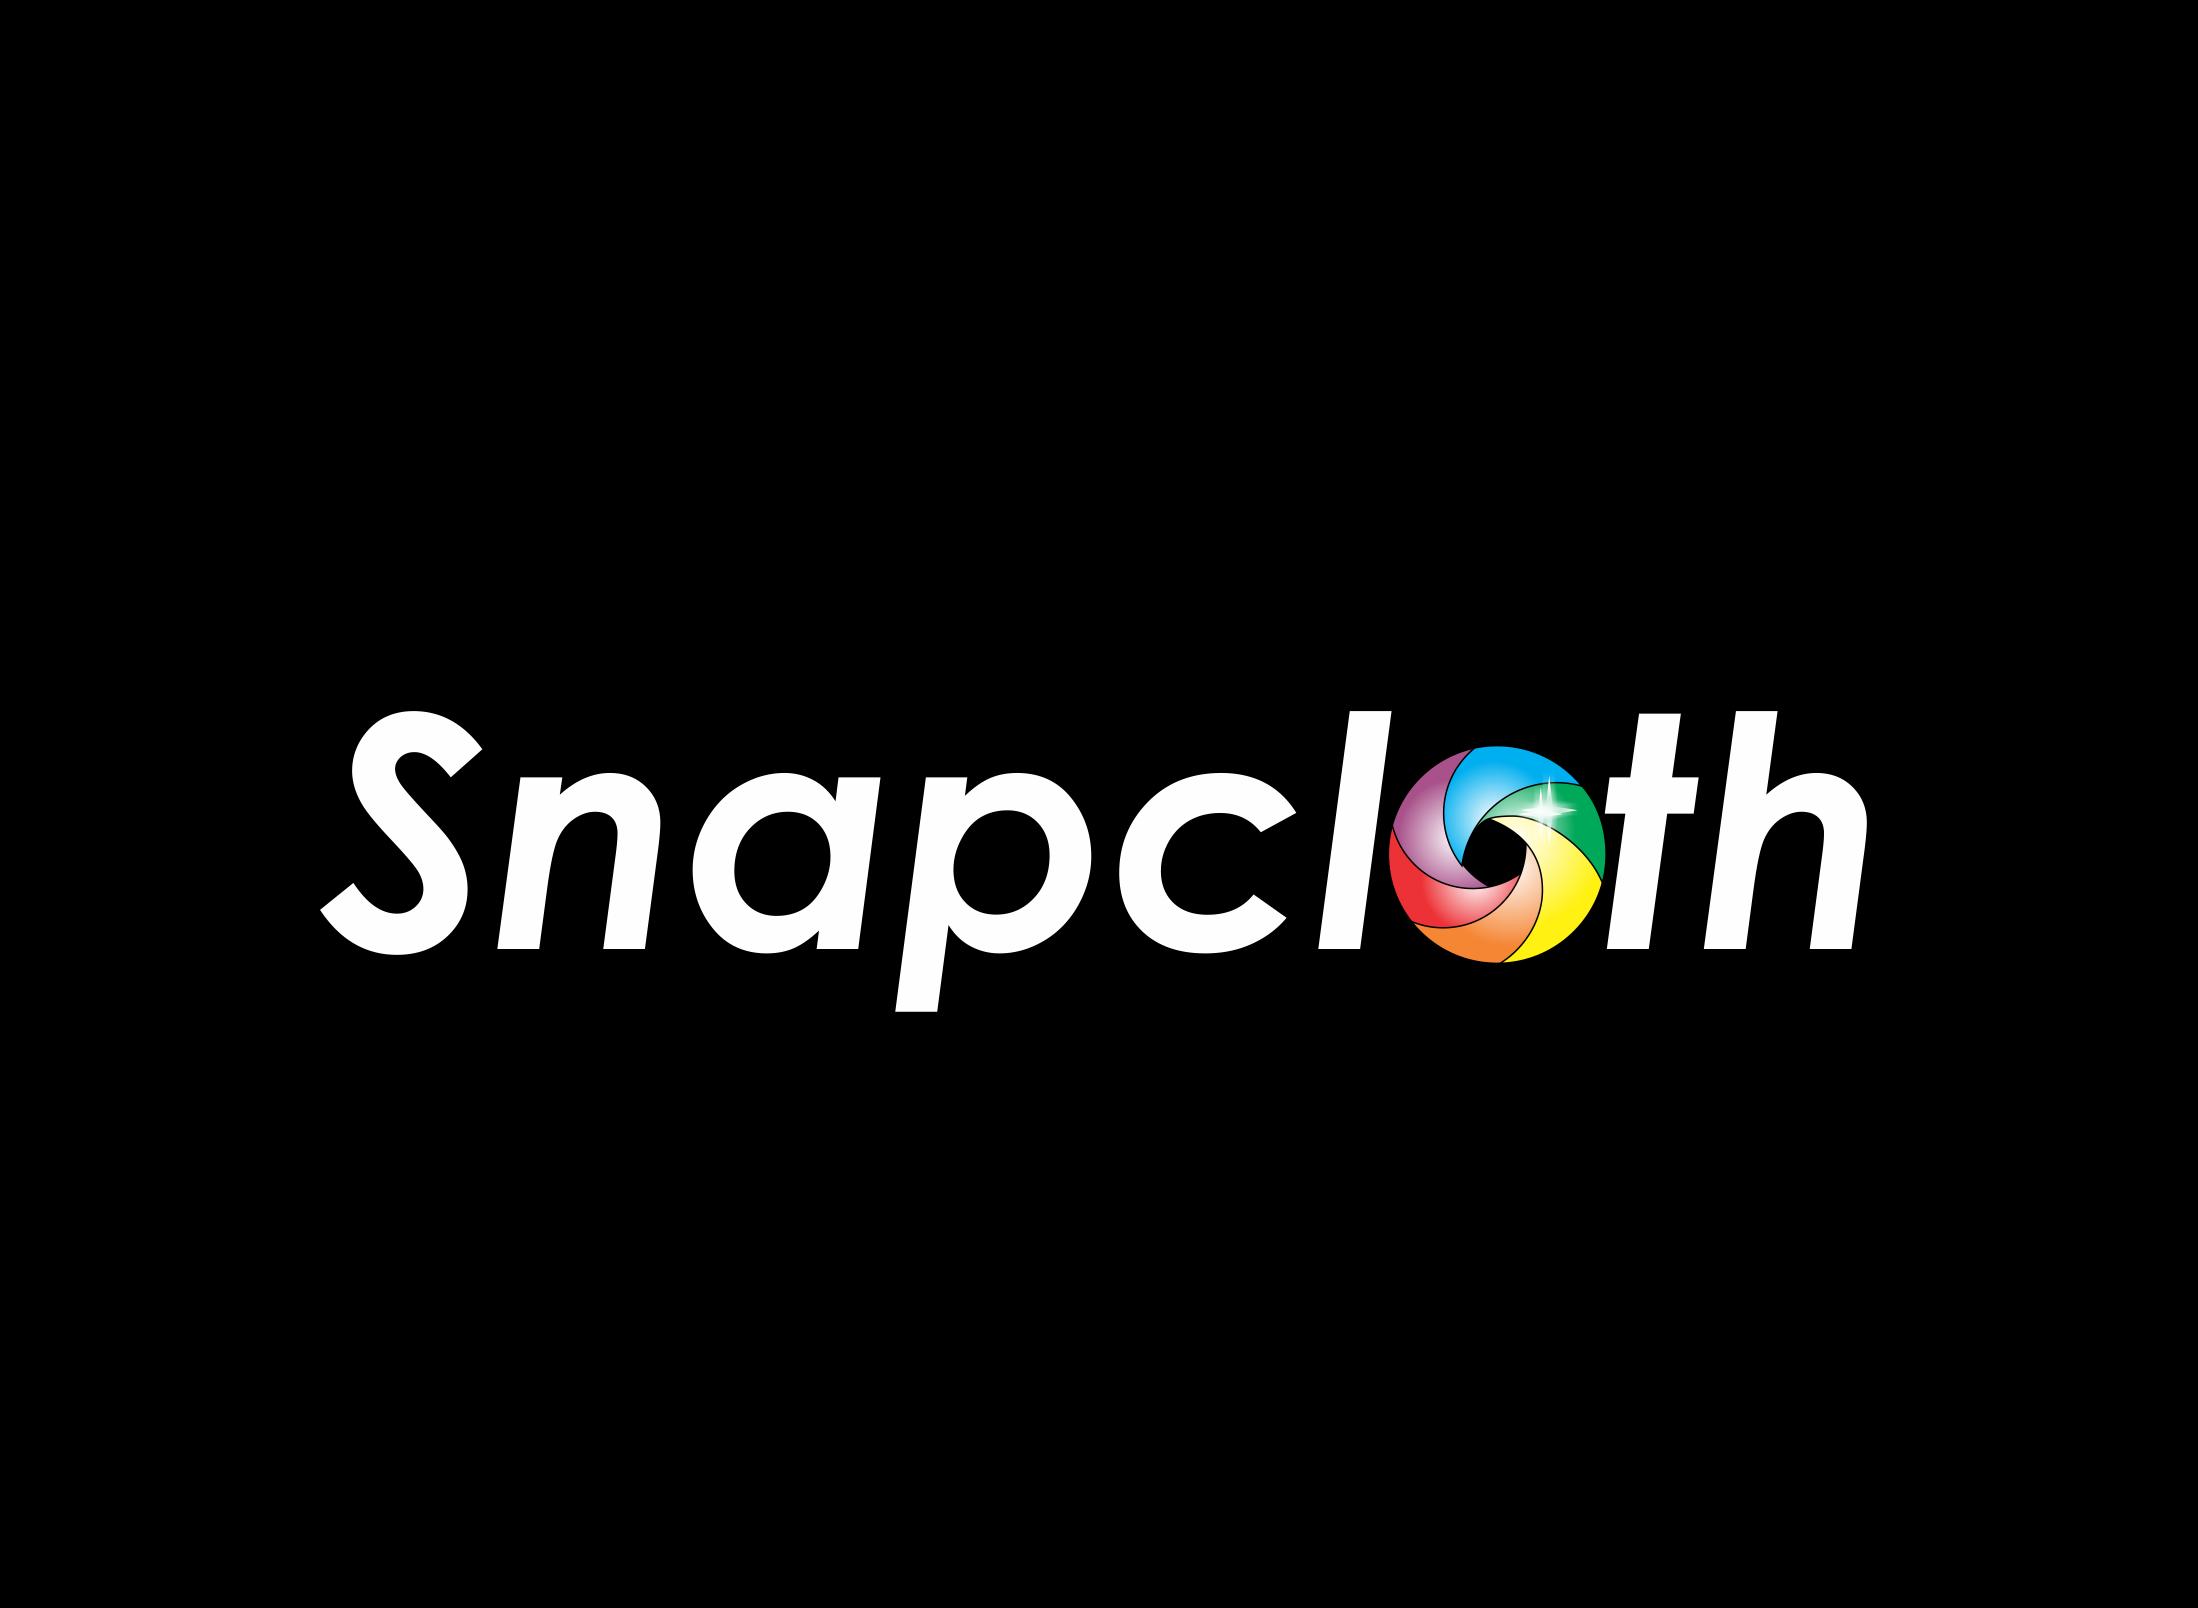 Logo Design by Zdravko Krulj - Entry No. 58 in the Logo Design Contest Snapcloth Logo Design.